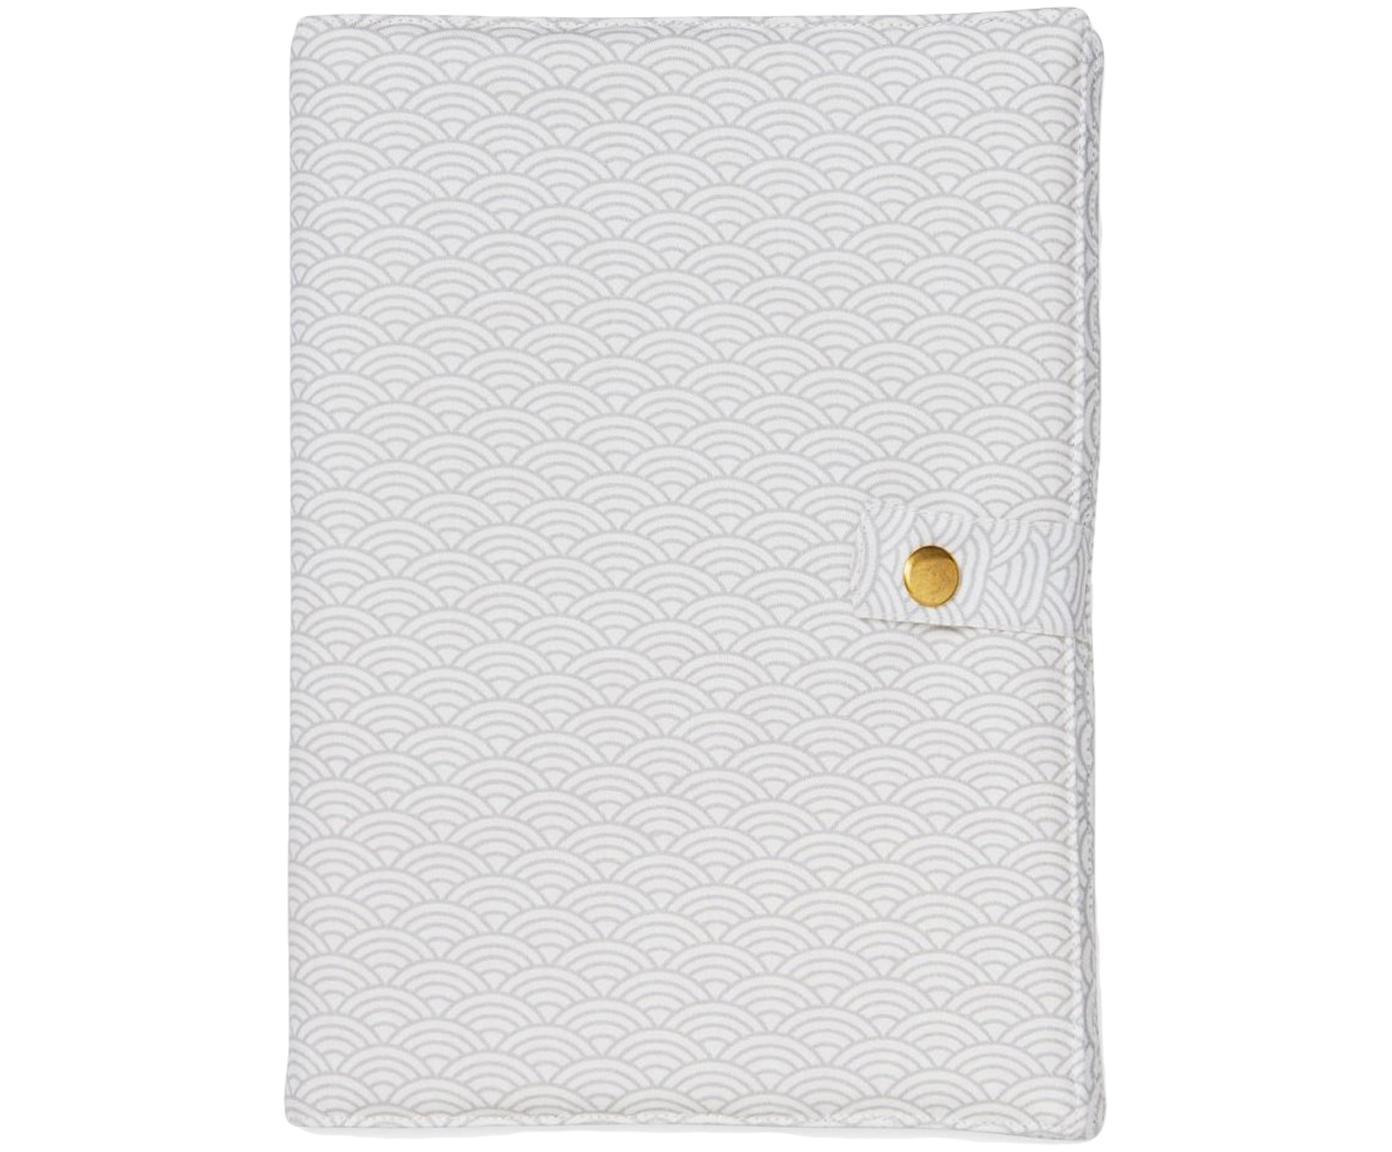 Funda para agenda de algodón ecológico Wave, Algodón ecológico, certificado OCS, Gris, blanco, An 15 x Al 21 cm